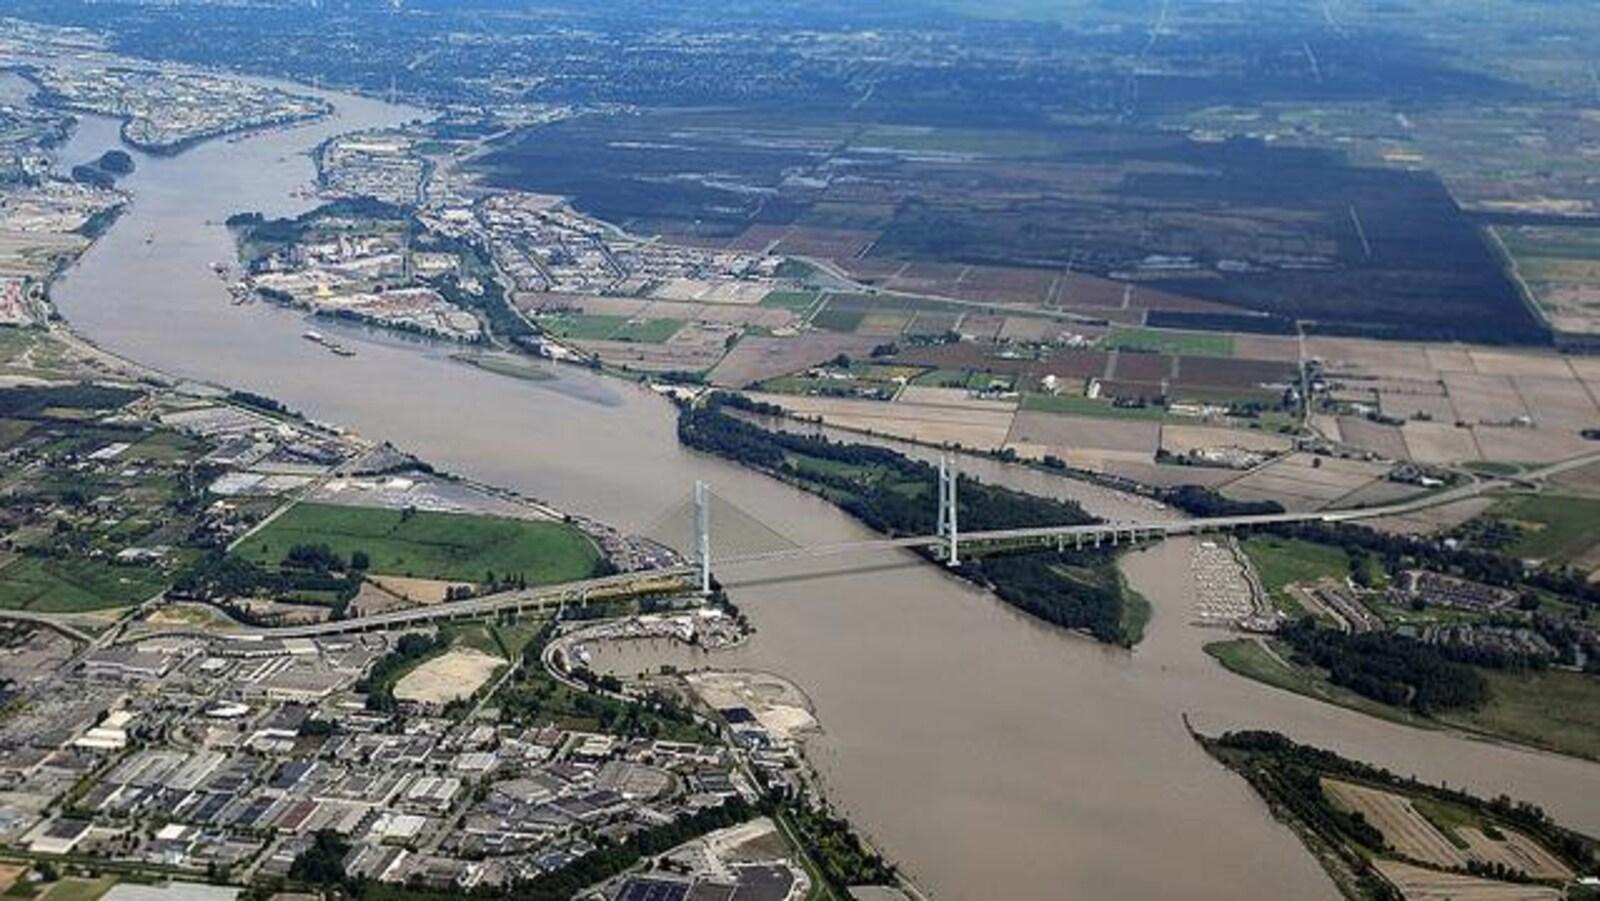 Dessin réaliste d'un pont suspendu au-dessus du fleuve Fraser.